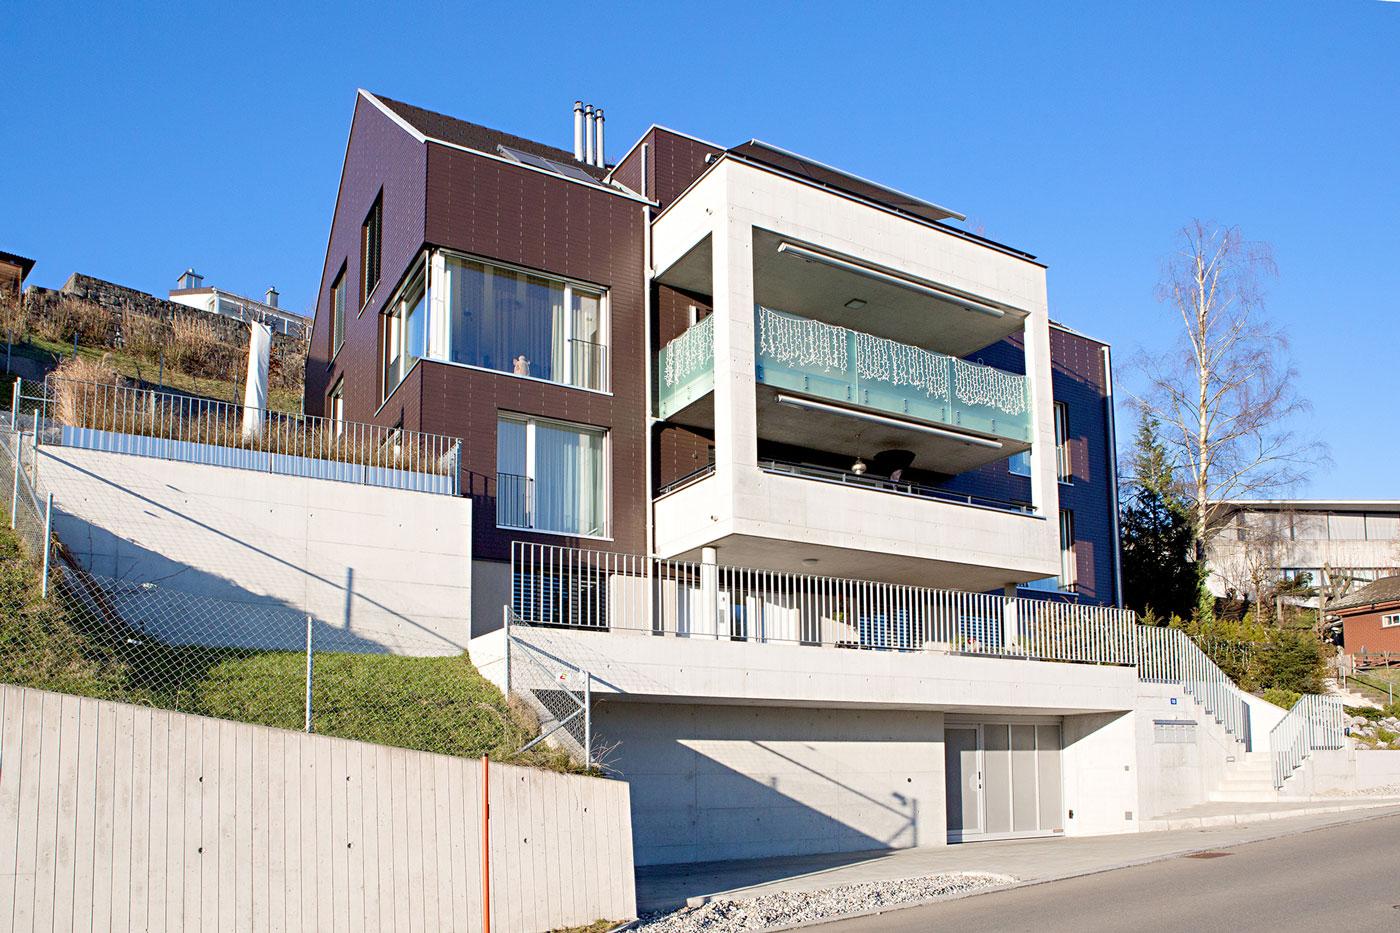 Schweizer Immobilien- und Dienstleistungsunternehmen